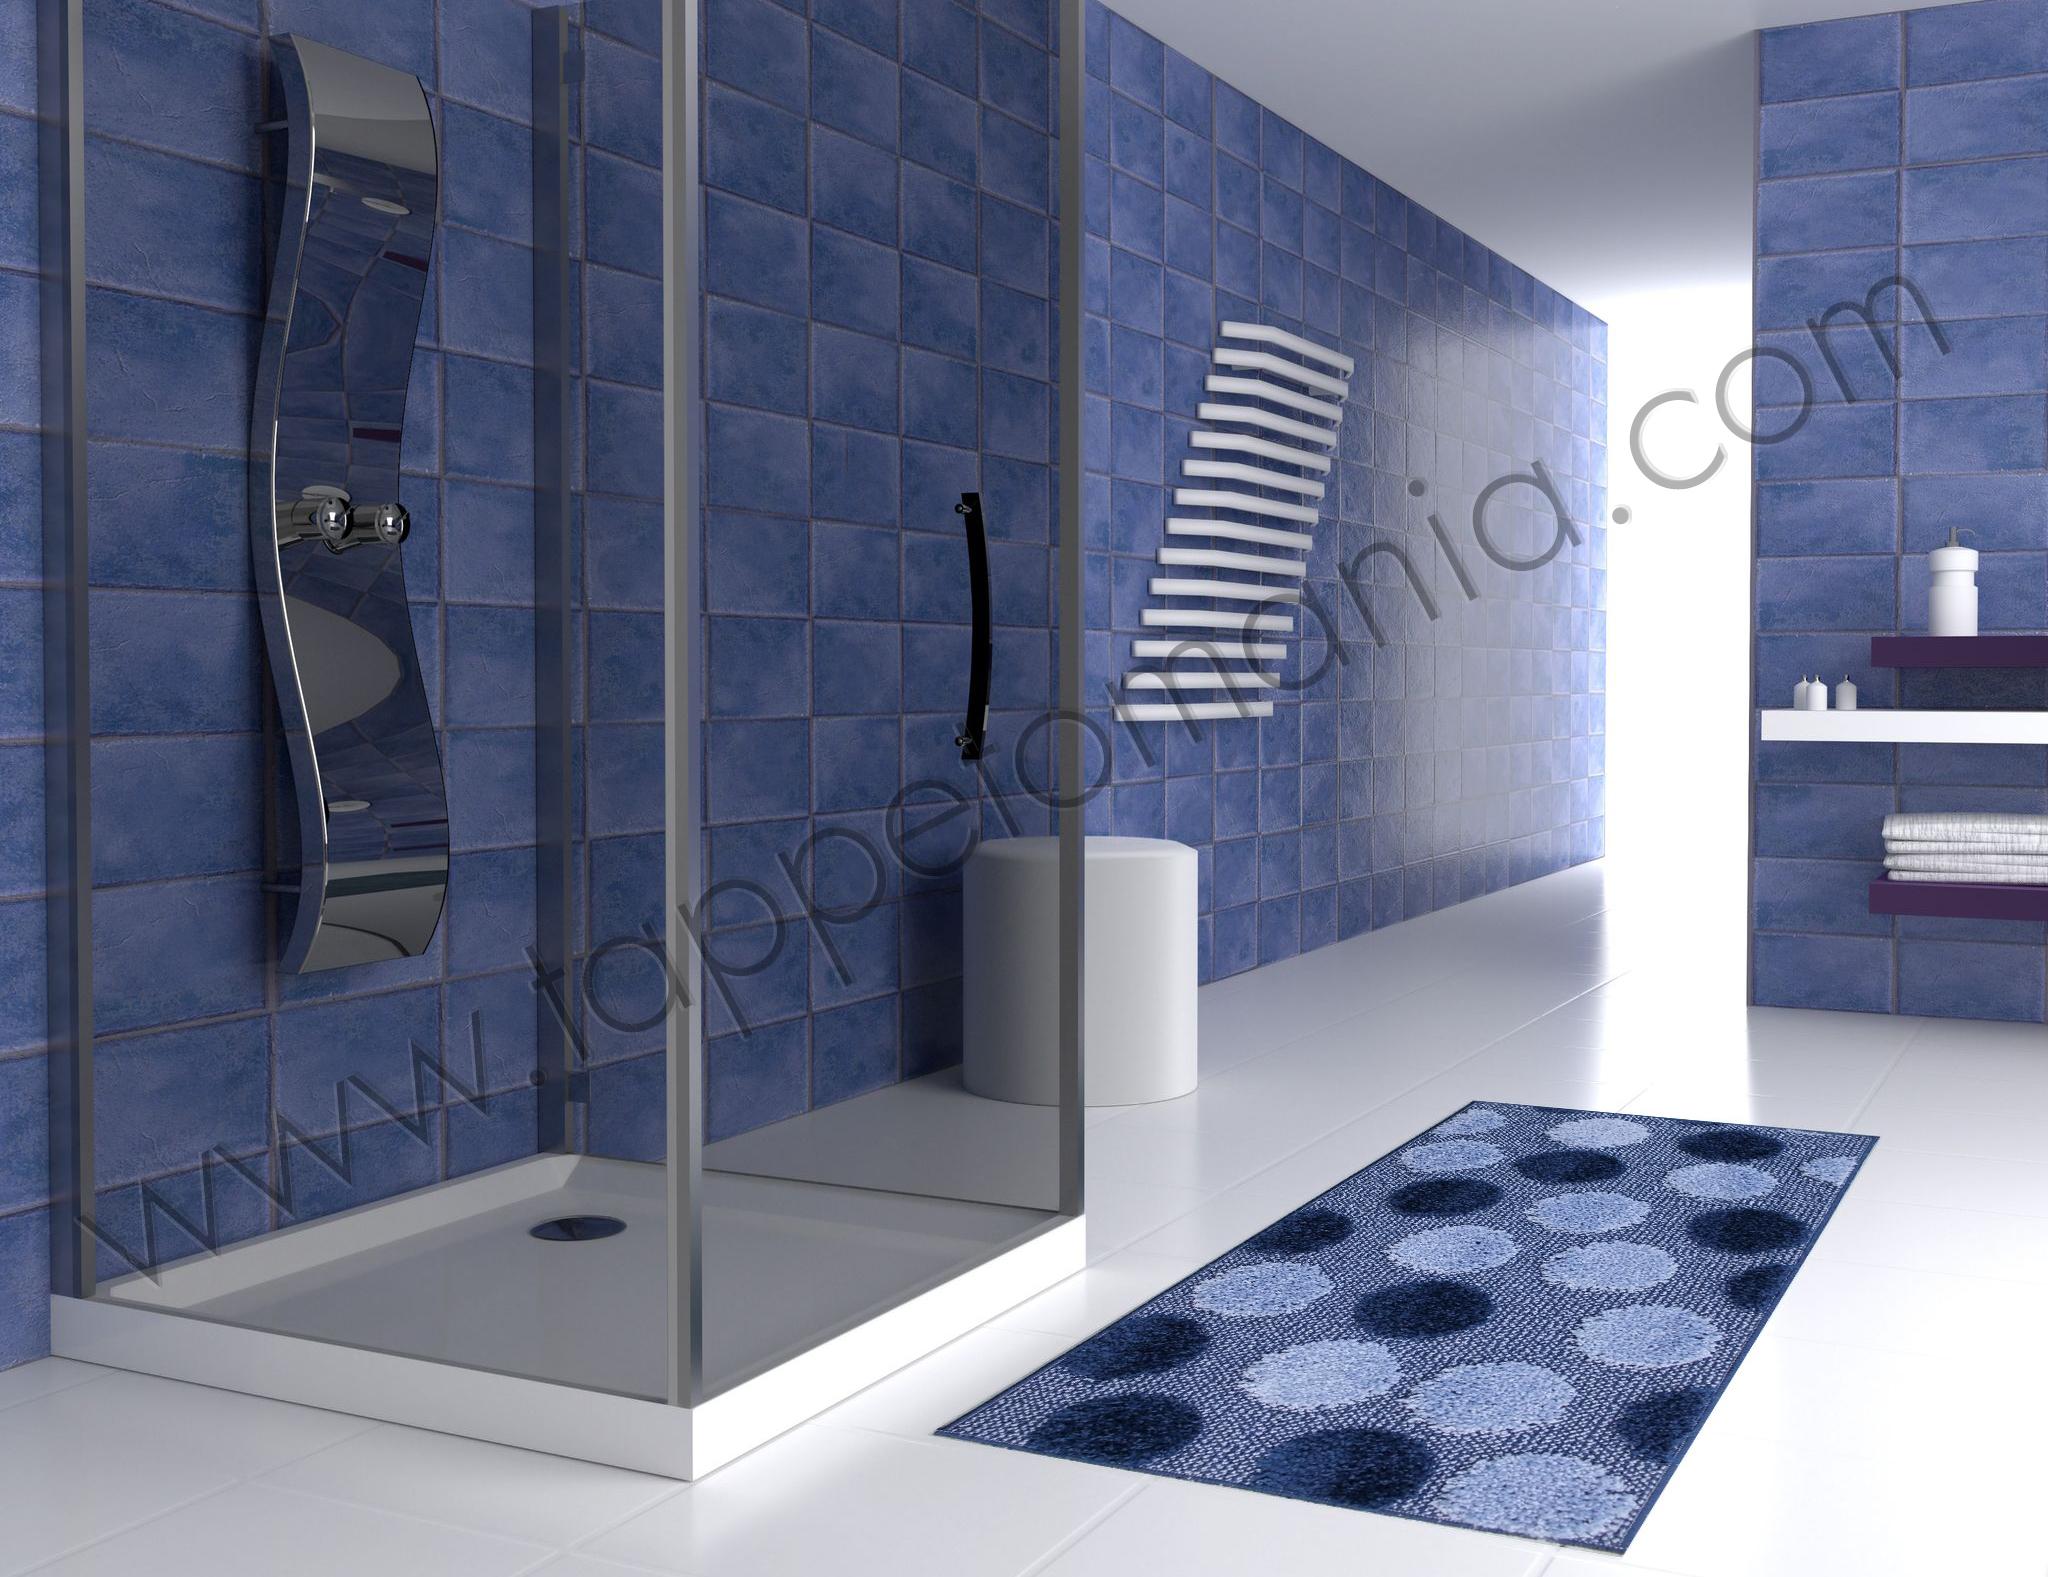 tappeti per il bagno economici ebay moderni antiscivolo e lavabili in lavatrice